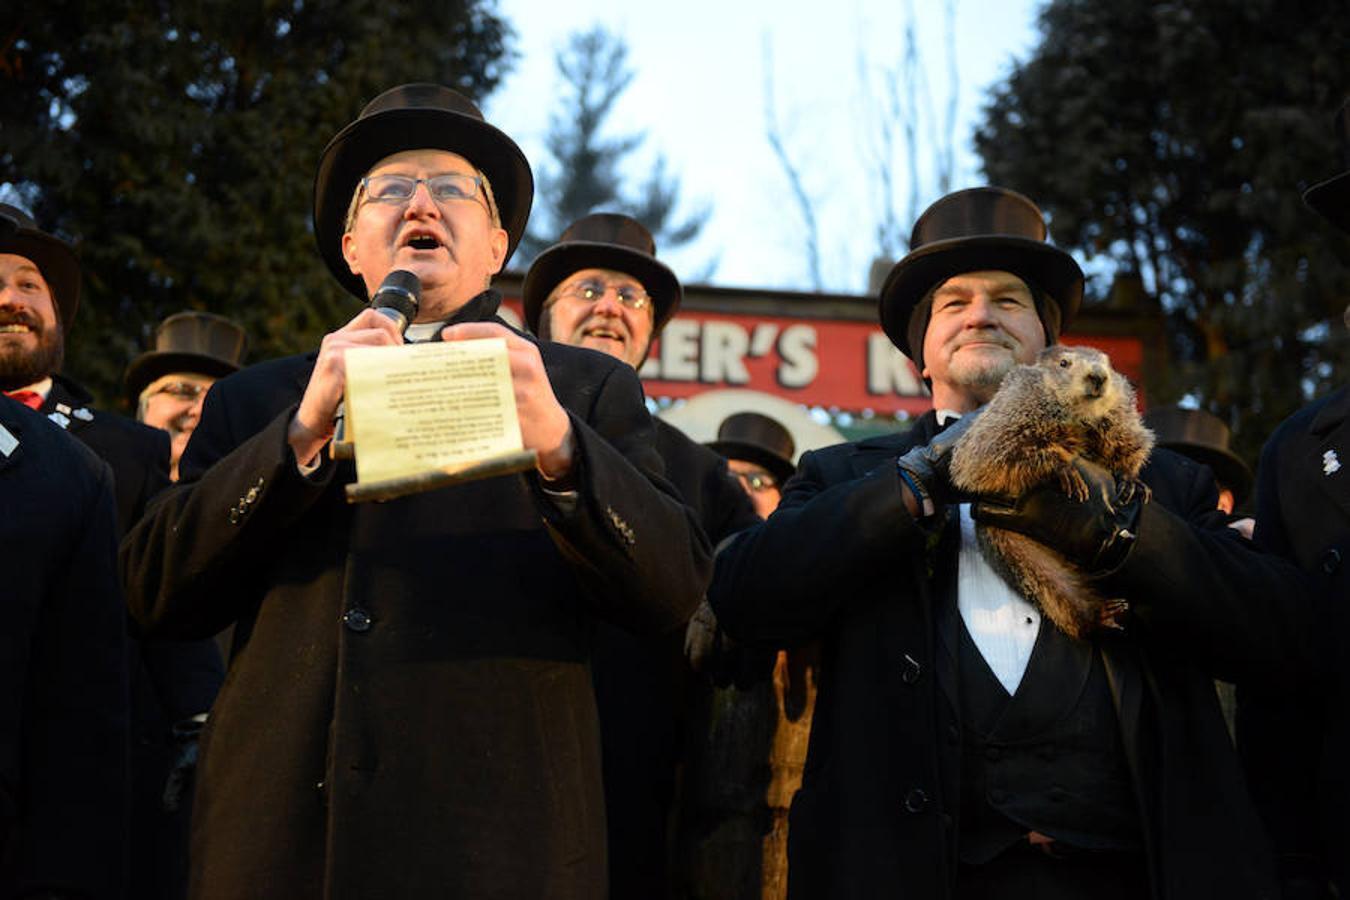 El vicepresidente del Club de la Marmota, Jeff Lundy, lee la predicción de la marmota Phil, que augura seis semanas de invierno más en Punxsutawney, en el estado de Pensilvania.